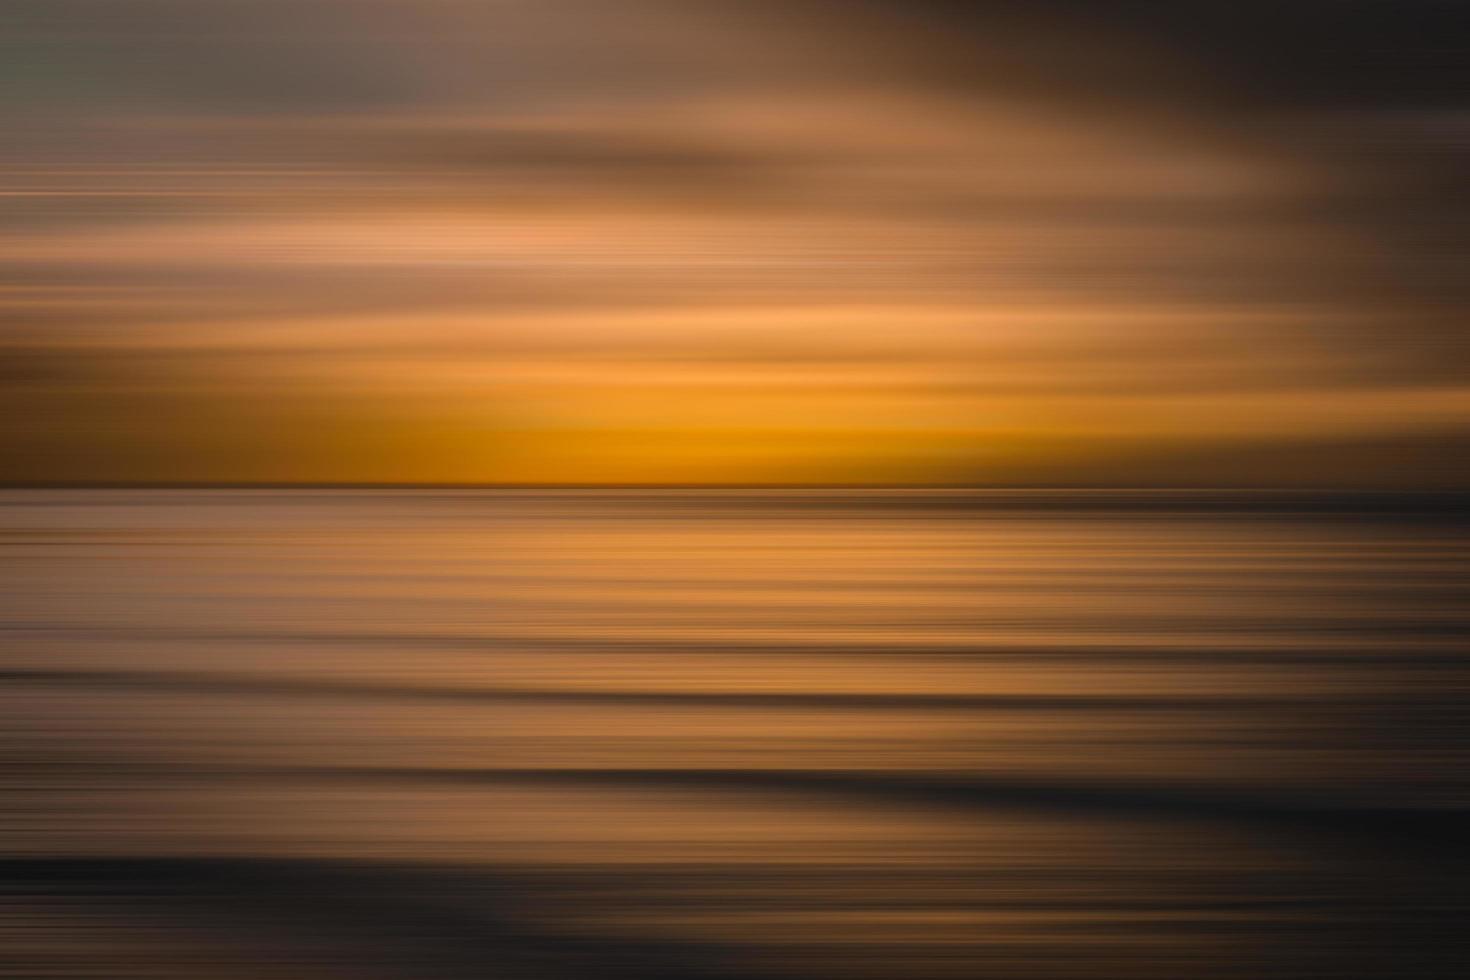 cuerpo de agua tranquila durante la hora dorada foto